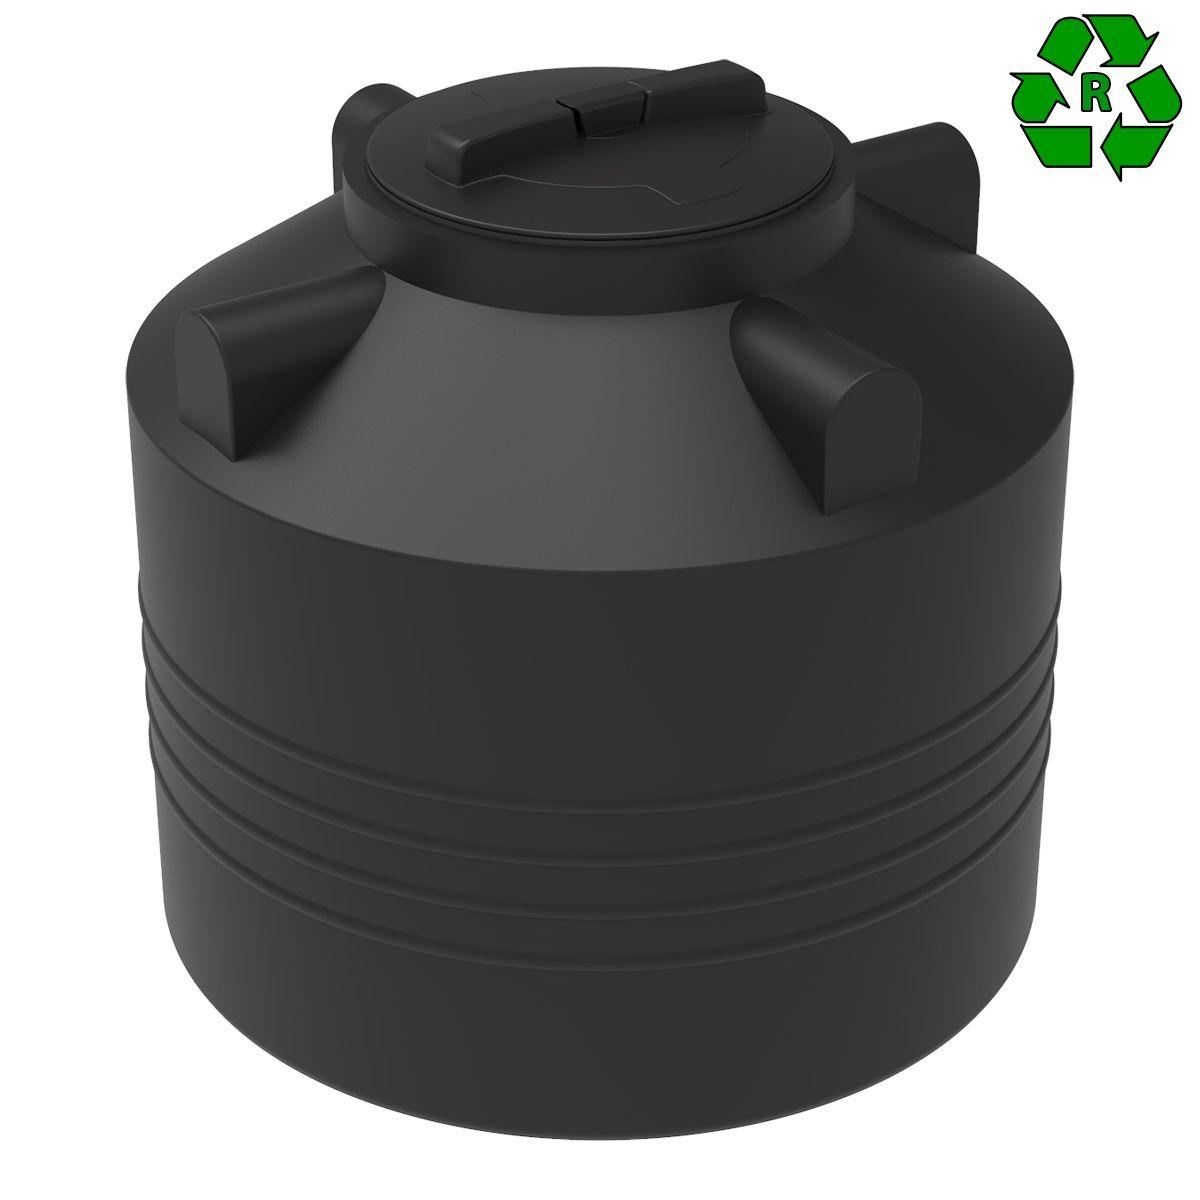 Емкость R ЭВЛ 200 литров пластиковая